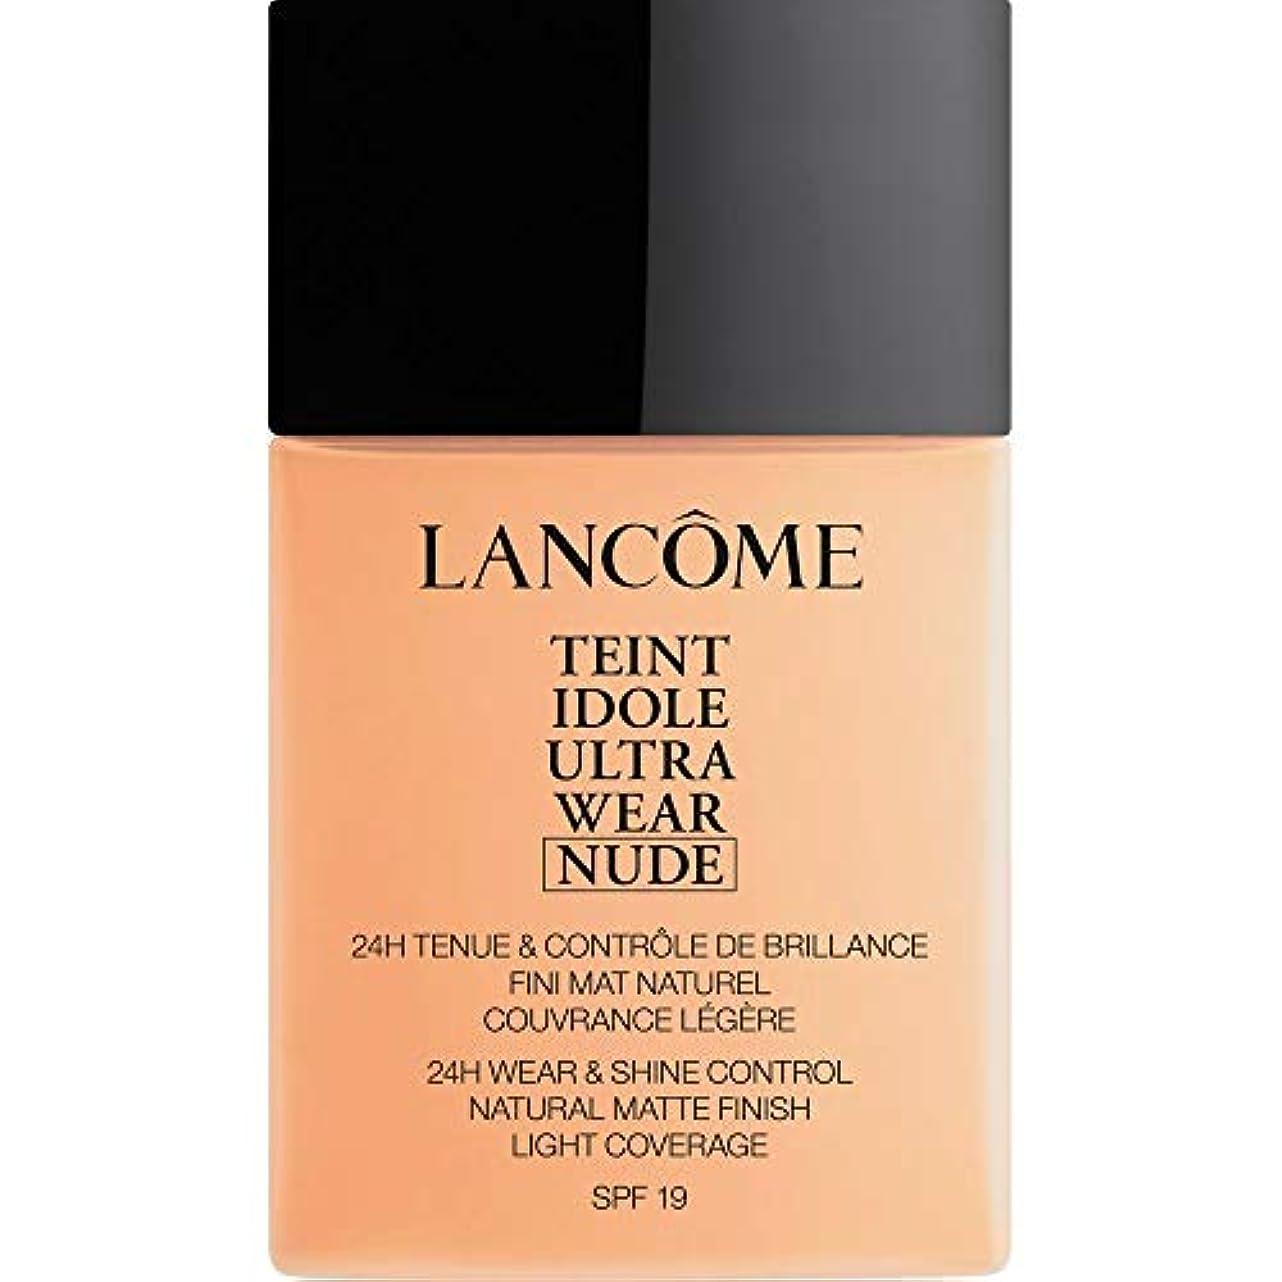 哲学博士選出する辞任[Lanc?me ] ランコムTeintのIdole超ヌード財団Spf19の40ミリリットル024を着る - ベージュヴァニラを - Lancome Teint Idole Ultra Wear Nude Foundation...